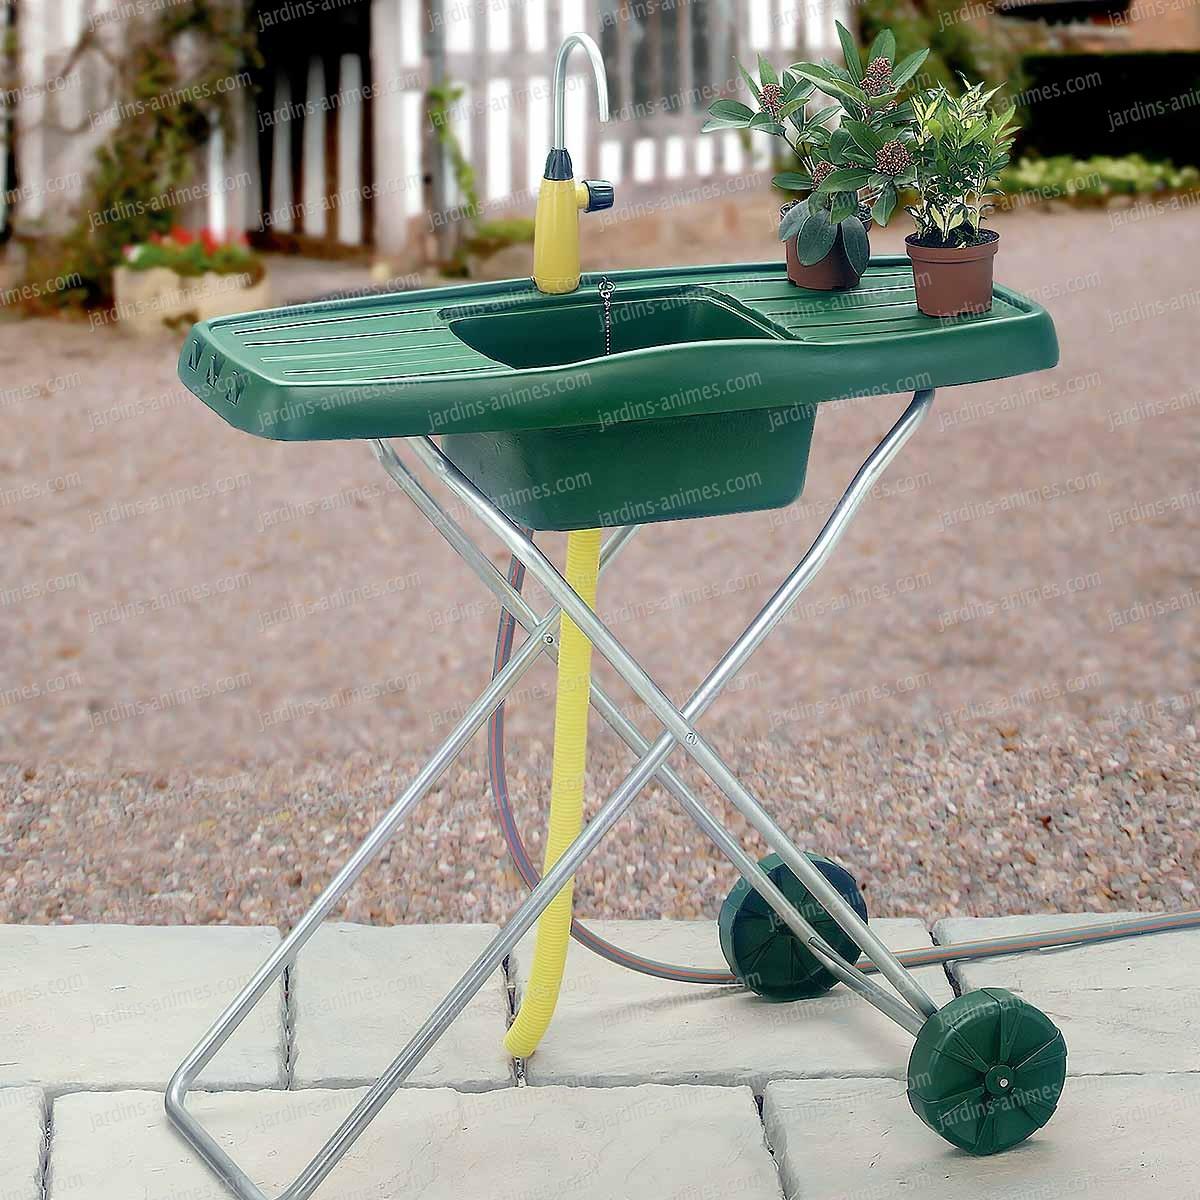 Evier d 39 ext rieur de jardin mobile mobilier de jardin for Exterieur de jardin